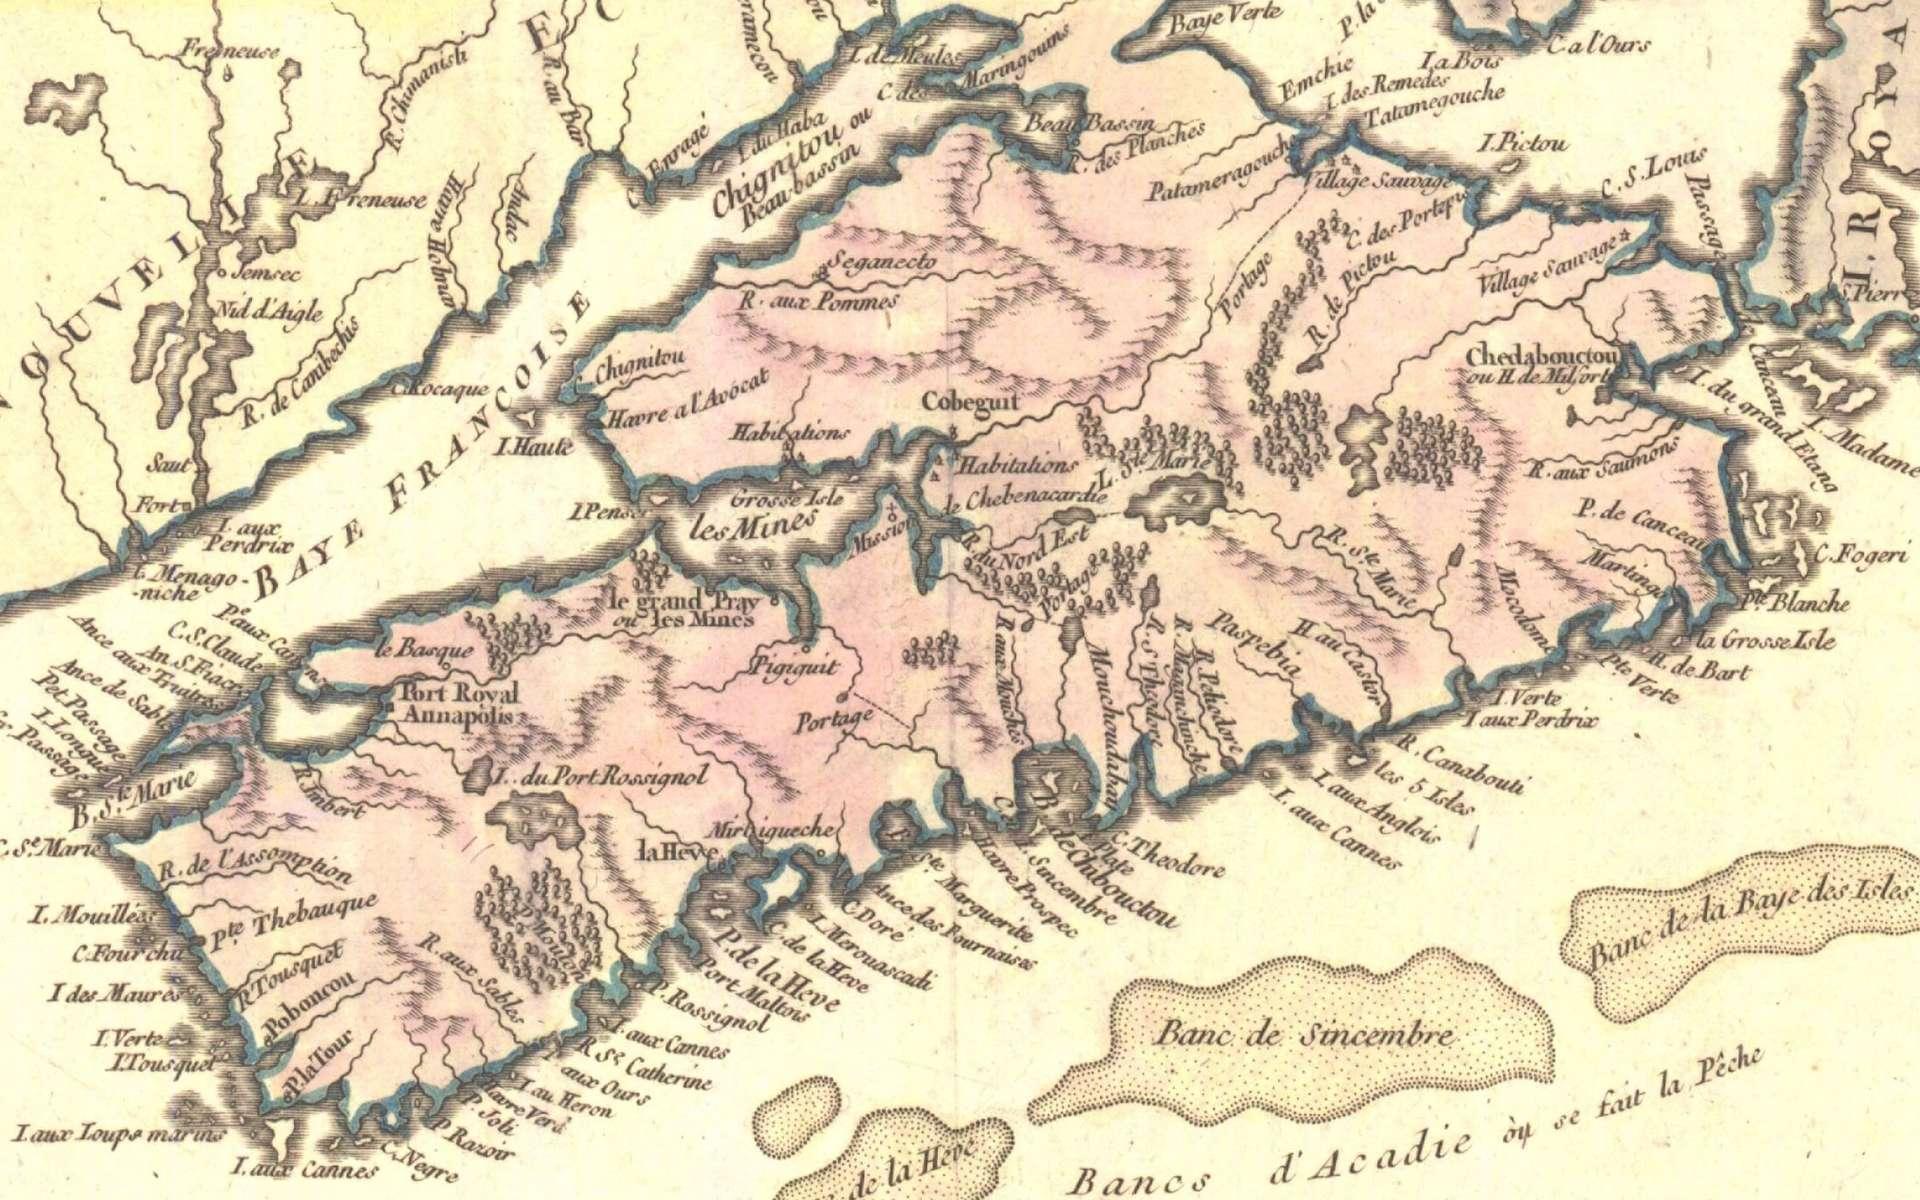 Carte de l'Acadie en 1749 par Robert de Vaugondy. © Domaine public